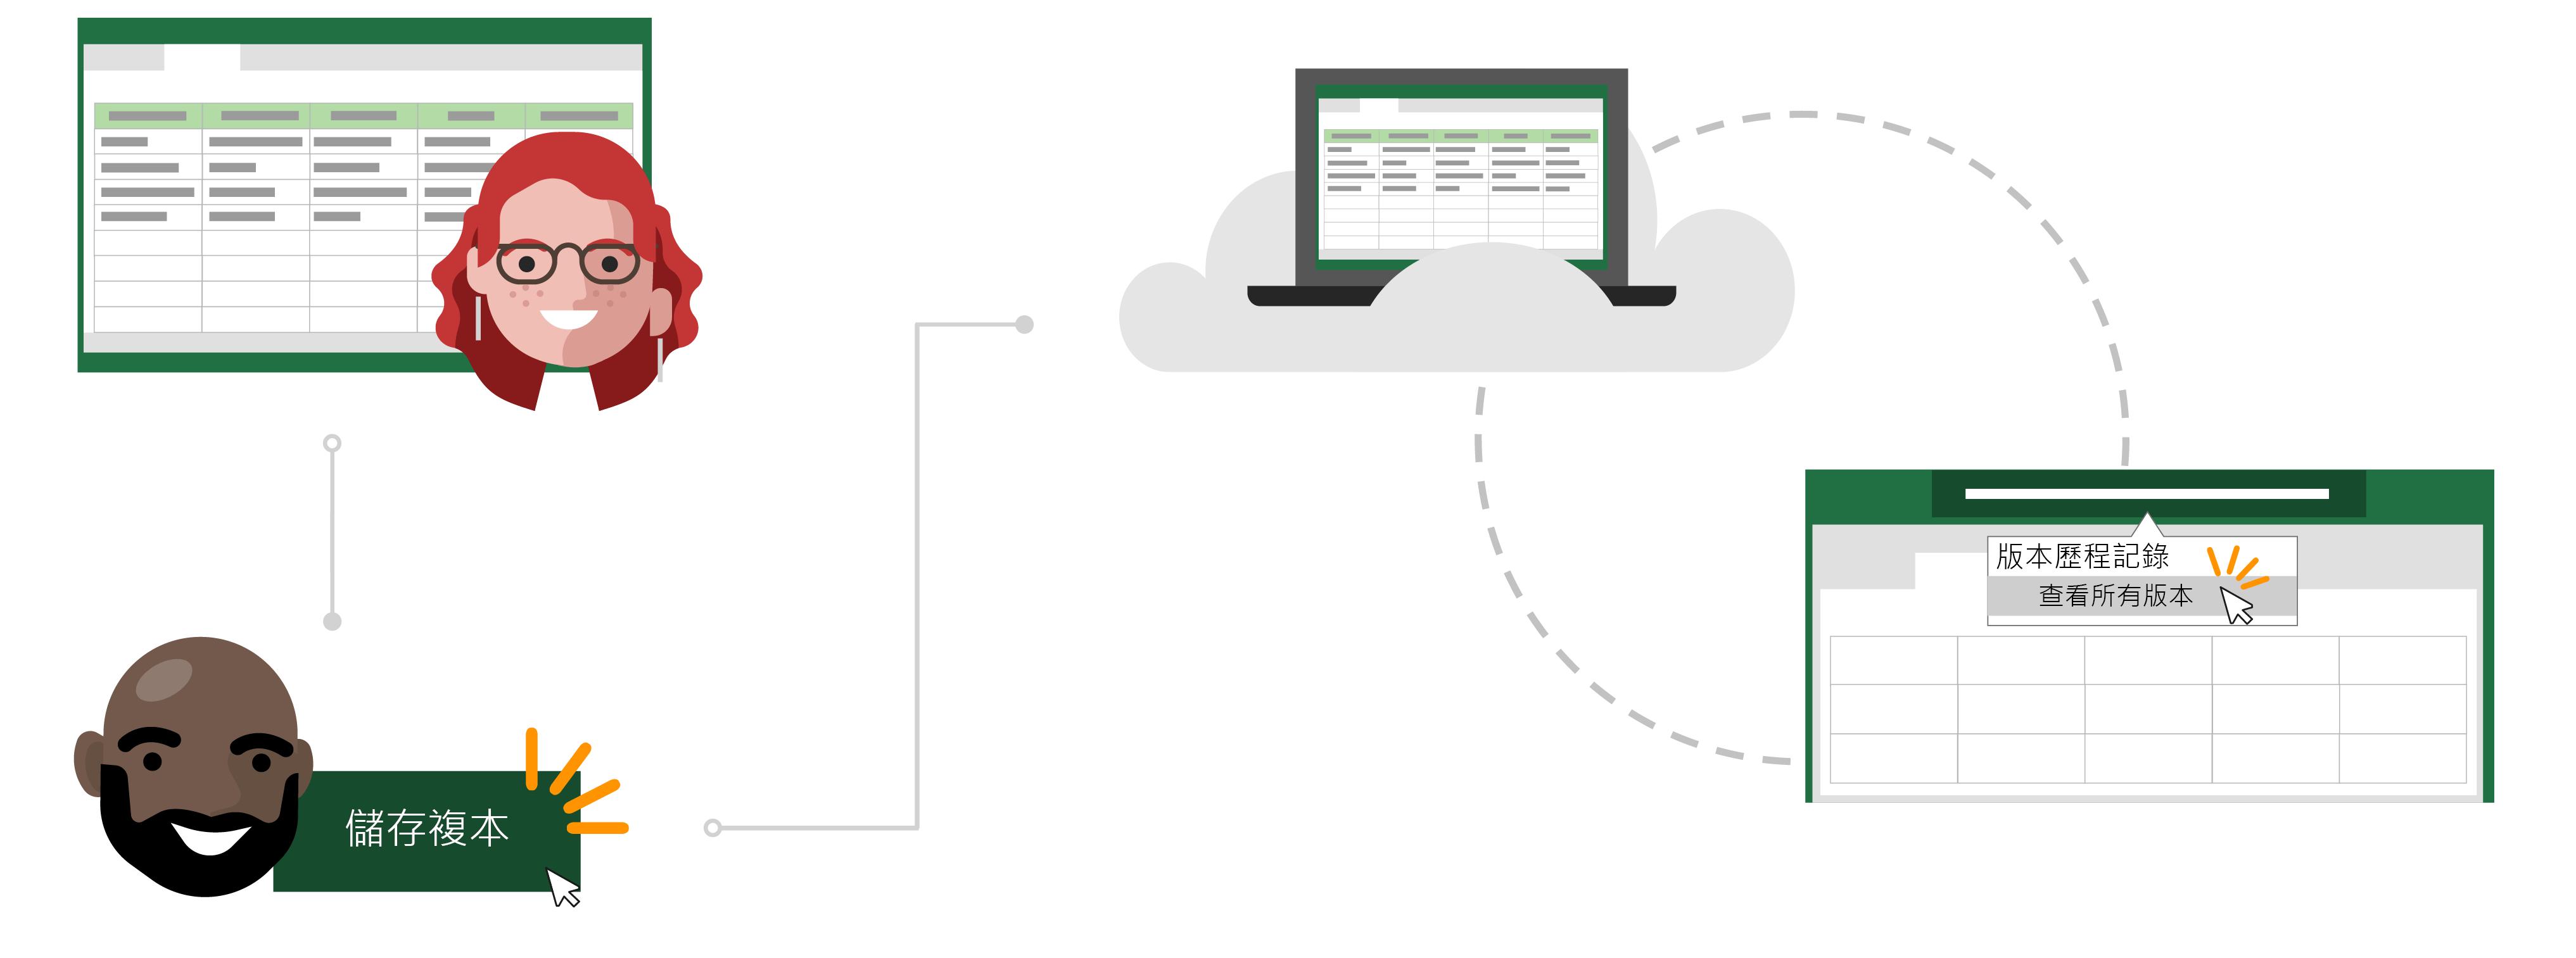 使用現有的檔案在雲端另存為範本的新檔案儲存複本]。